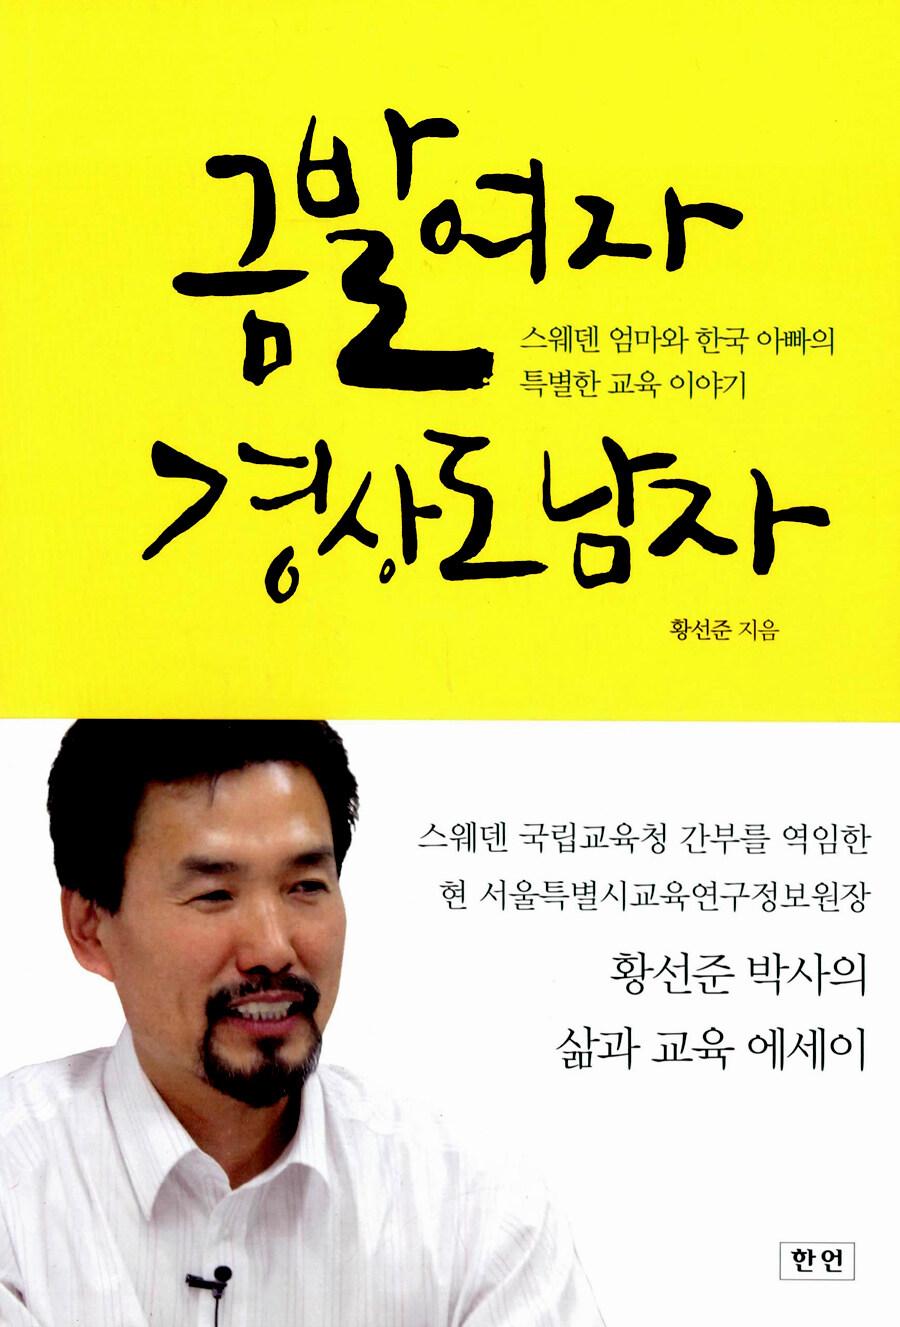 금발 여자 경상도 남자 : 스웨덴 엄마와 한국 아빠의 특별한 교육 이야기